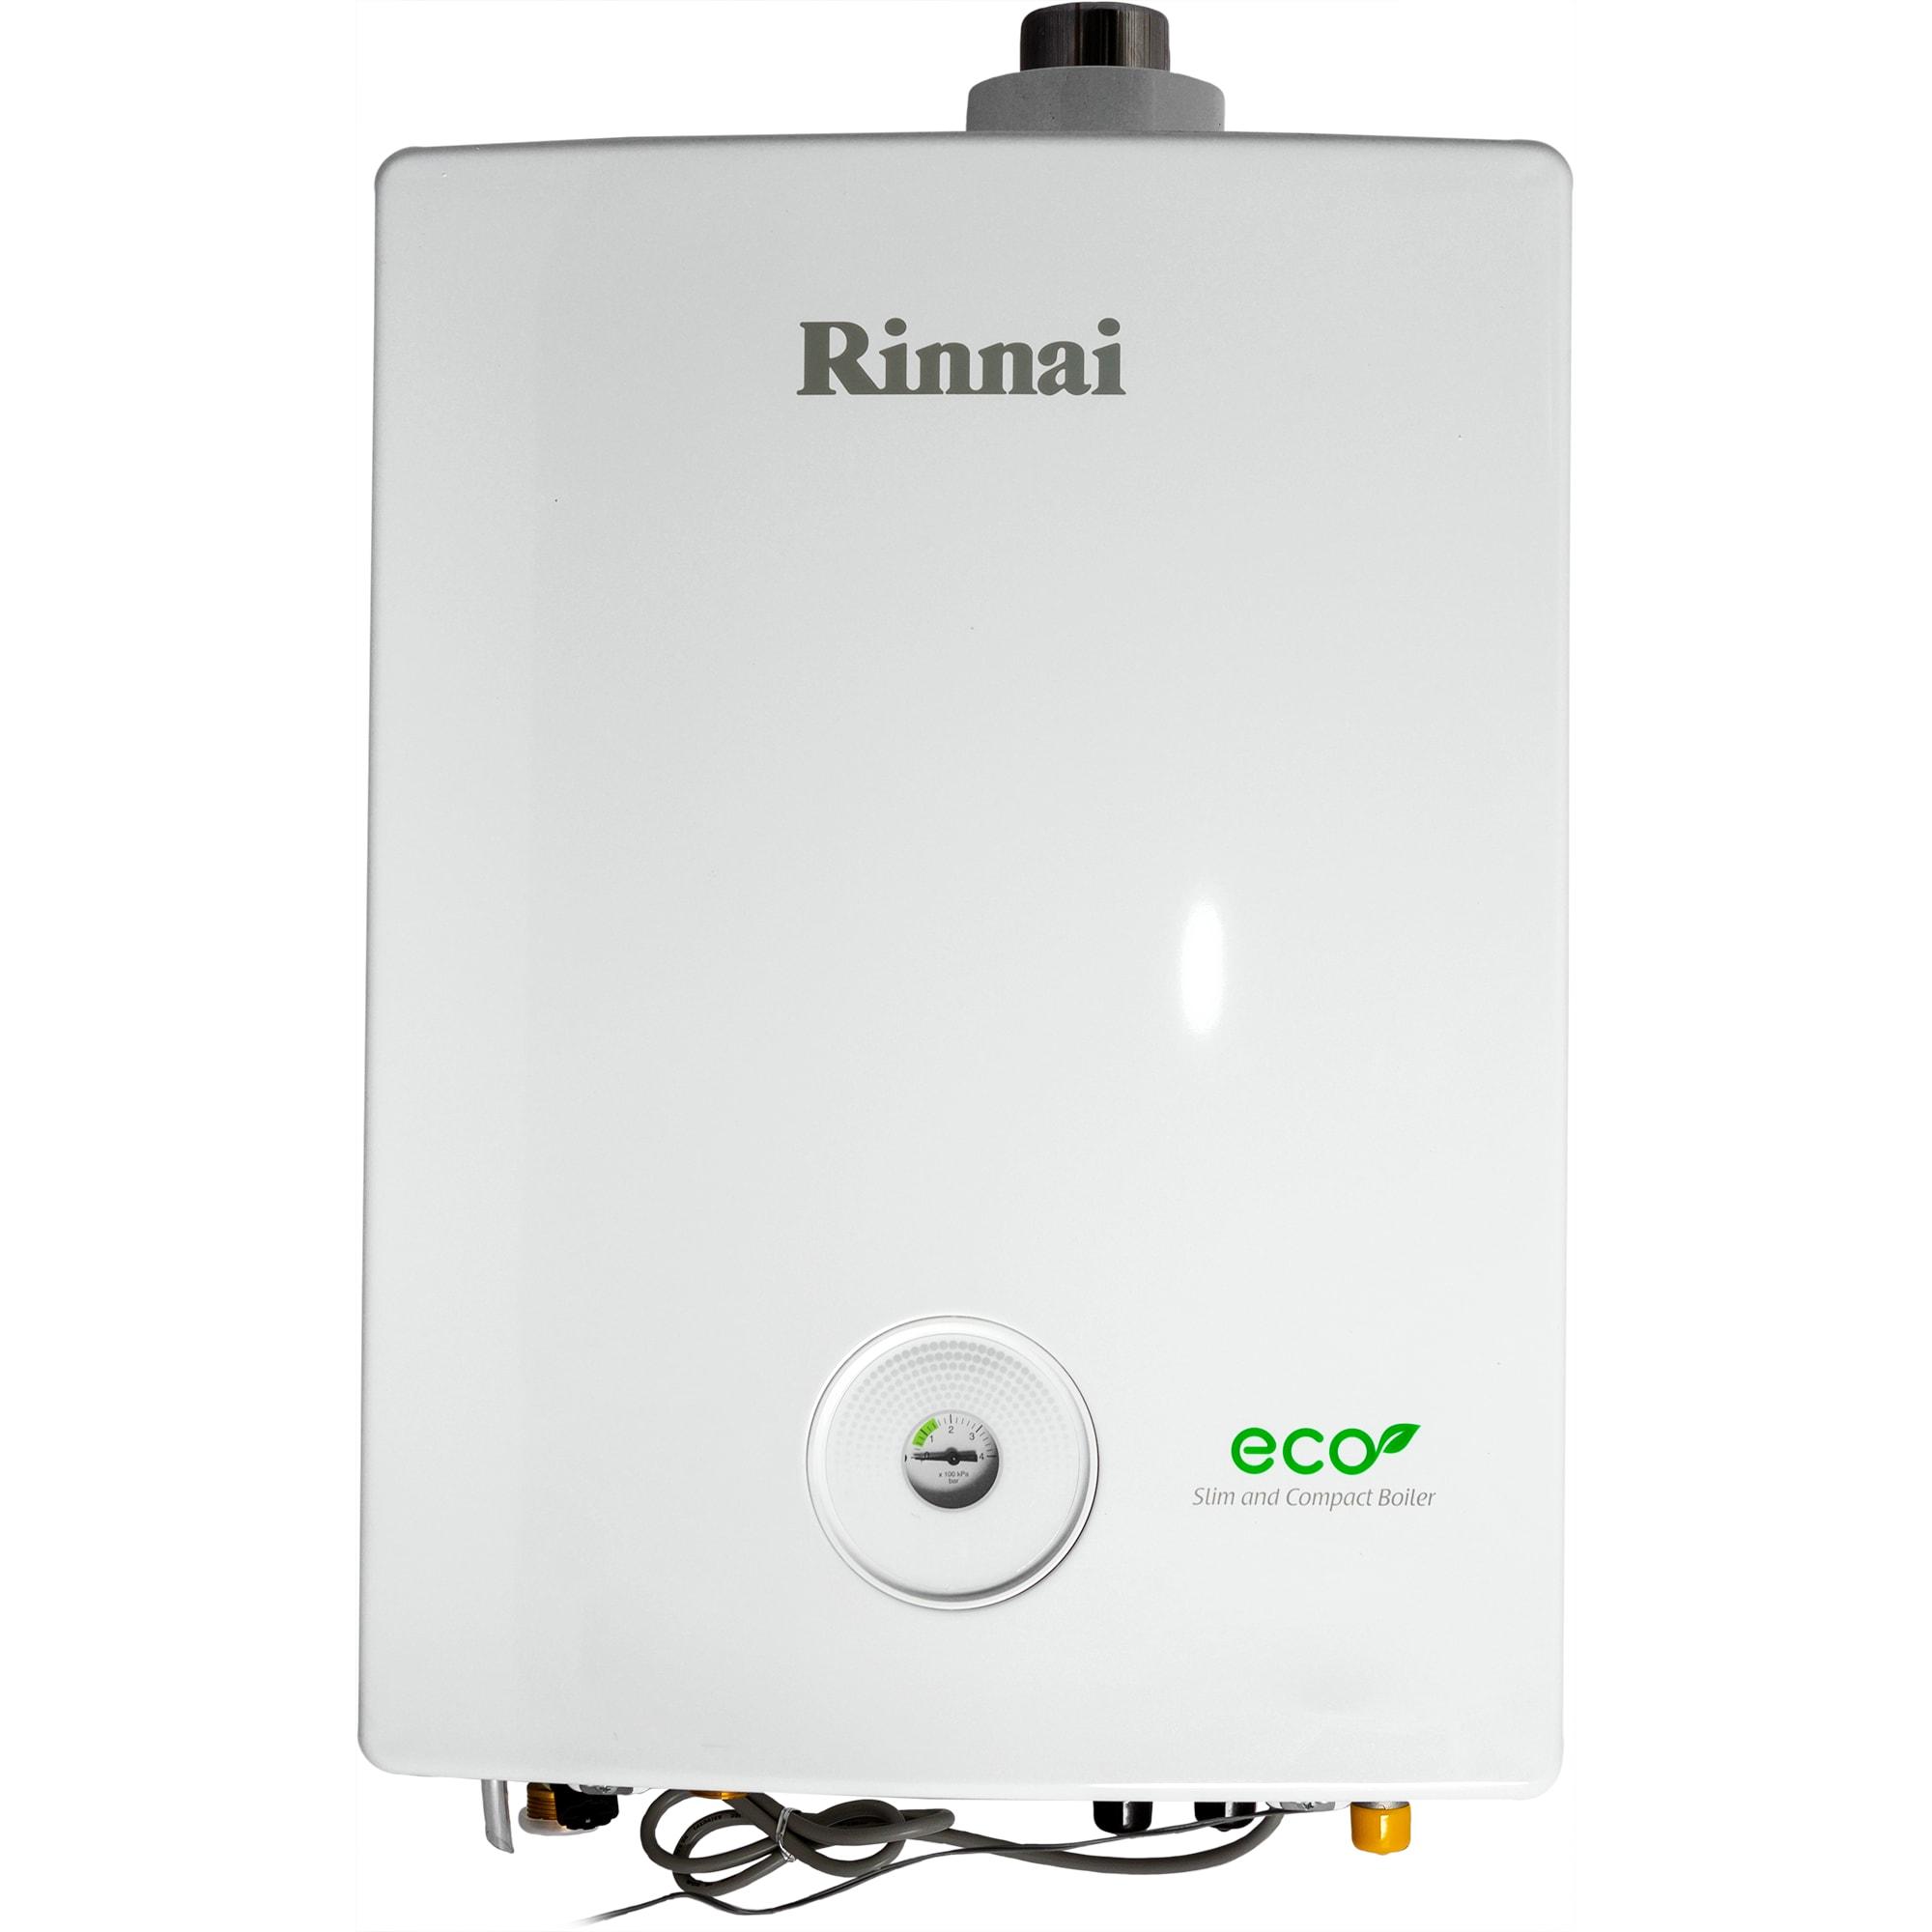 Газовые котлы rinnai: отзывы, обзор модельного ряда и характеристики, цены